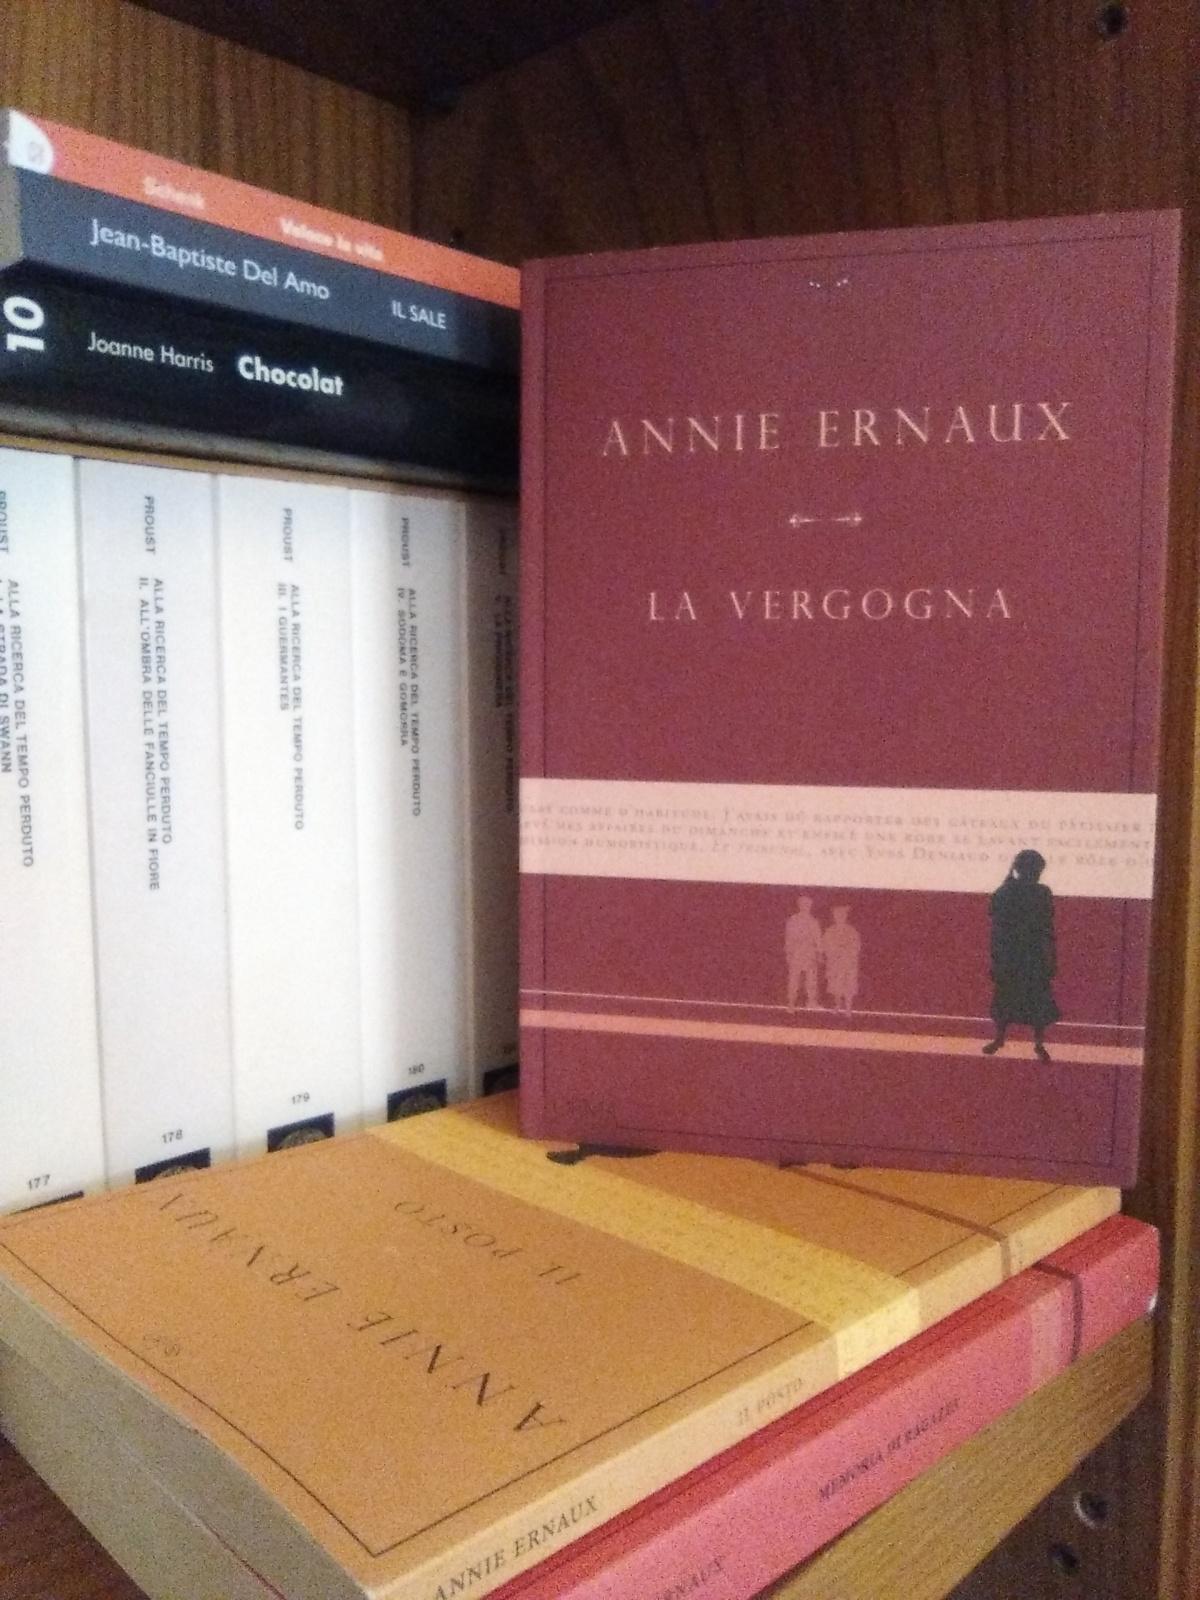 """Annie Ernaux, La vergogna. """"L'aspetto peggiore della vergogna è che si crede di essere gli unici aprovarla"""""""